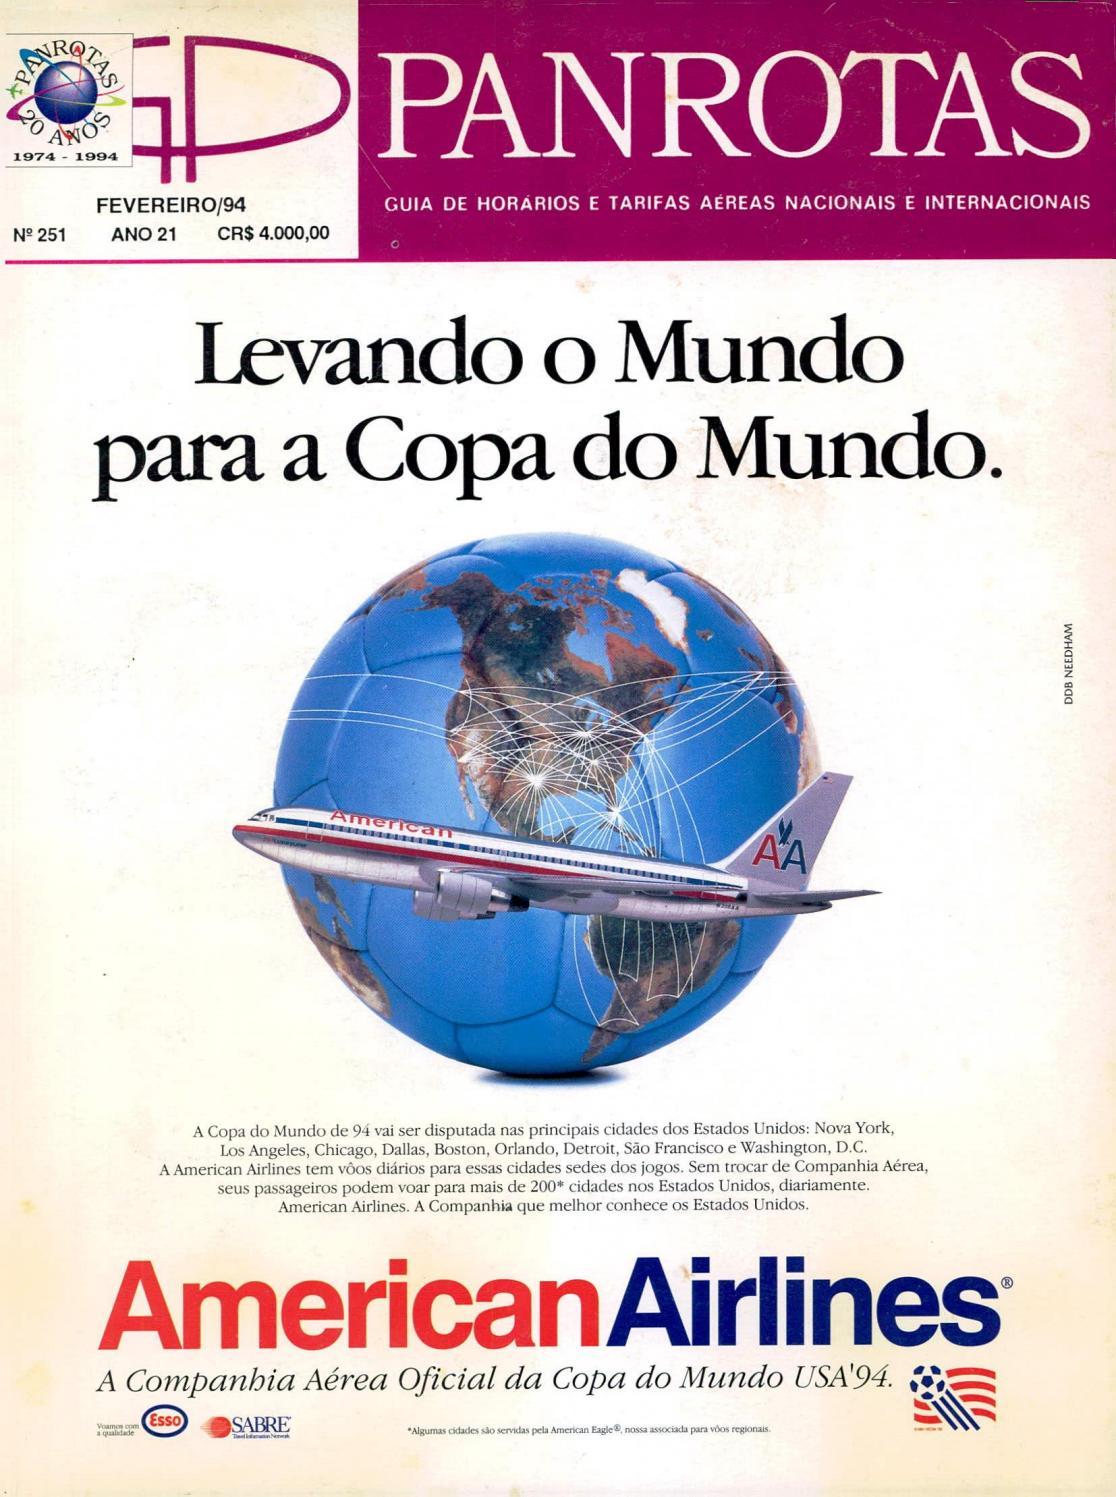 Guia PANROTAS - Edição 251 - Fevereiro 1994 by PANROTAS Editora - issuu 9fb719a2f8c47